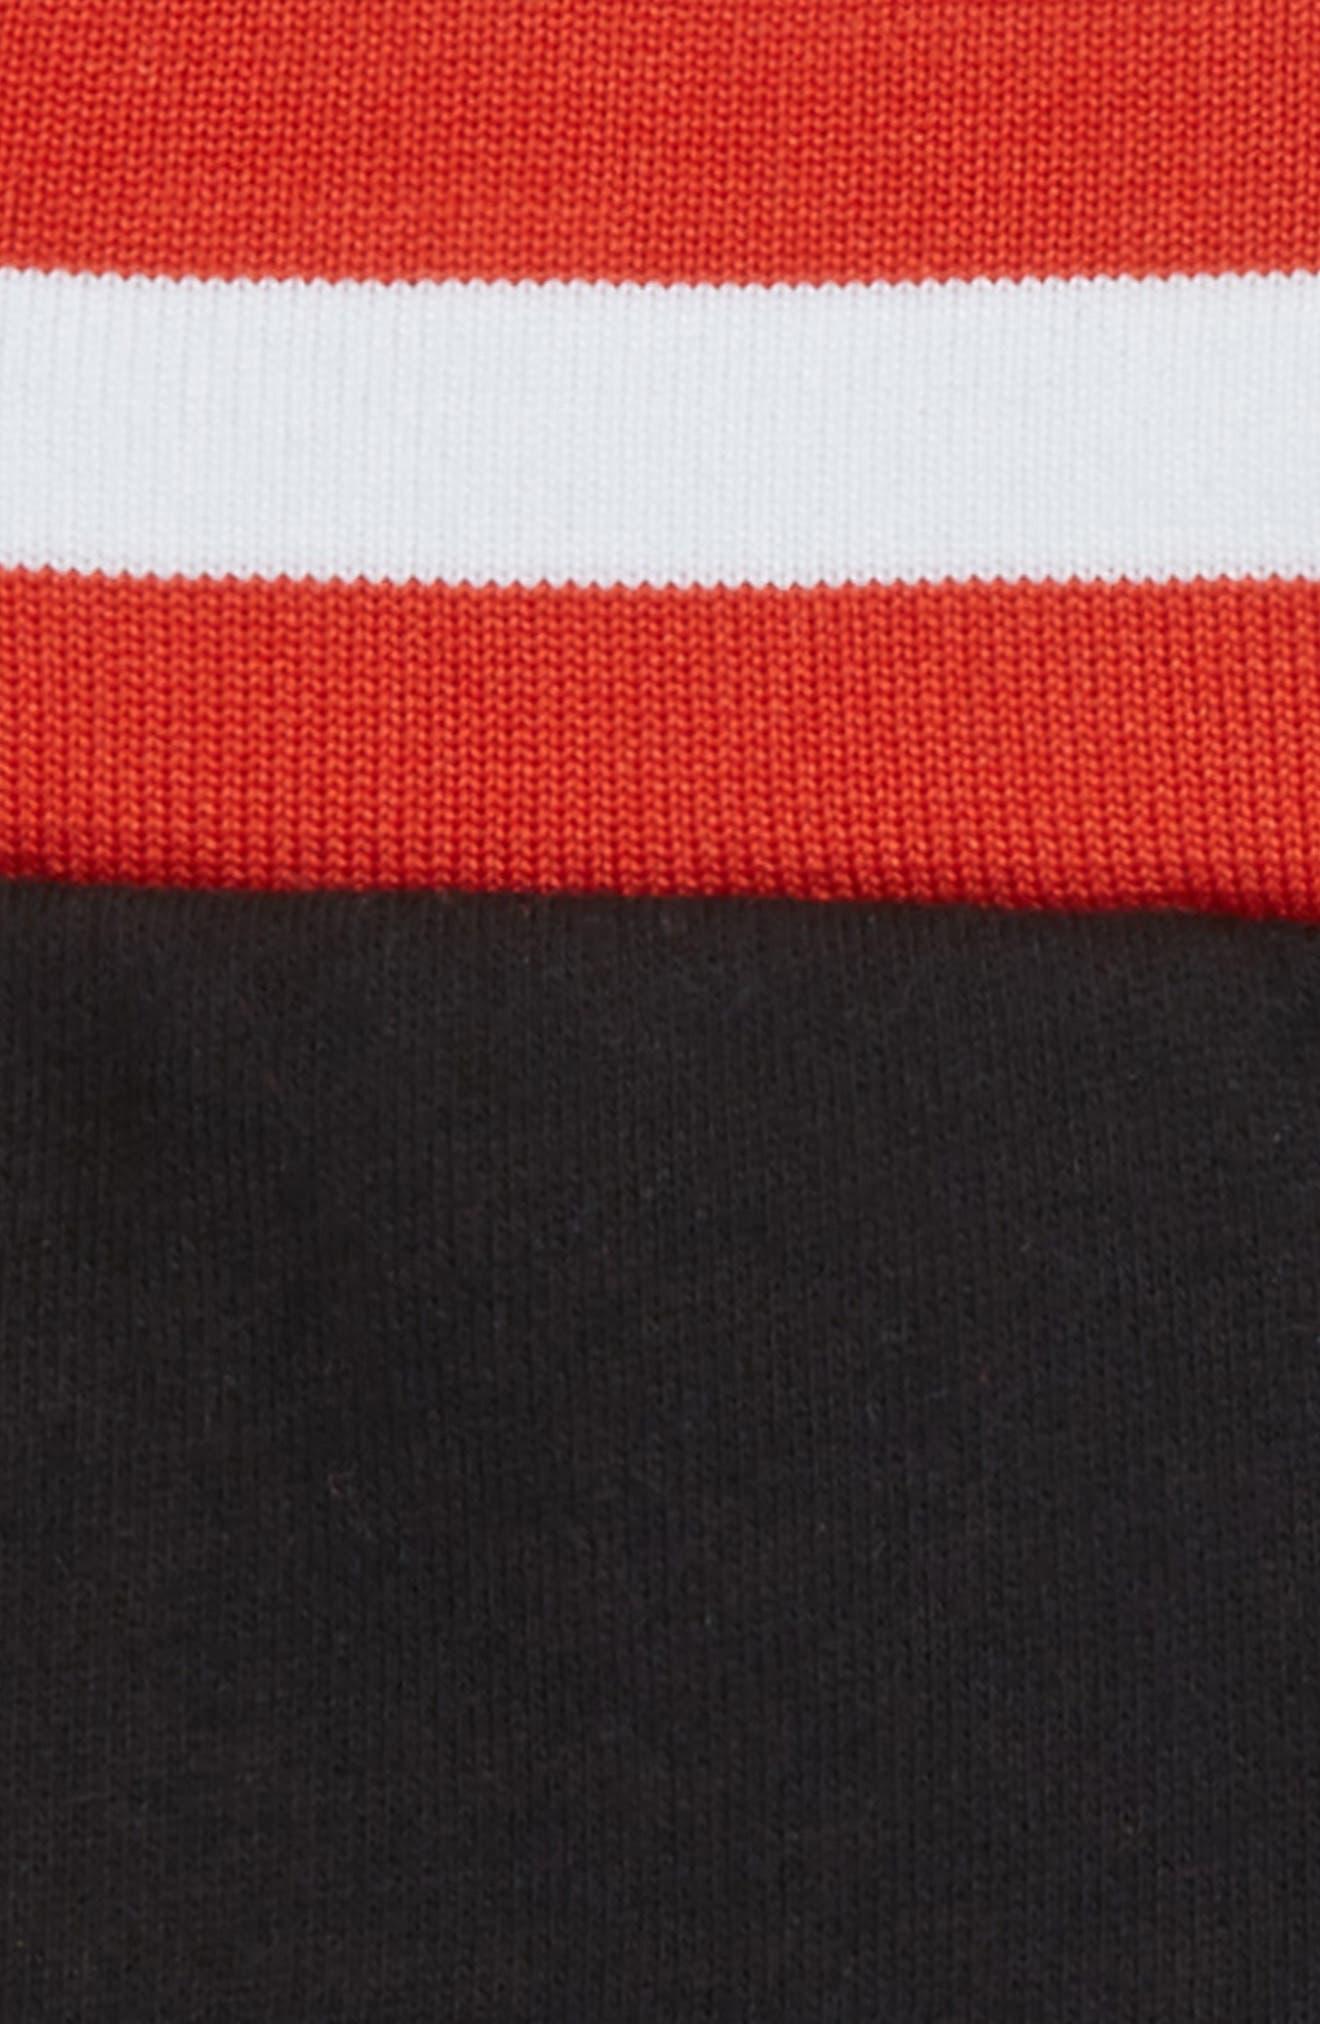 Delilah Shorts,                             Alternate thumbnail 2, color,                             Black